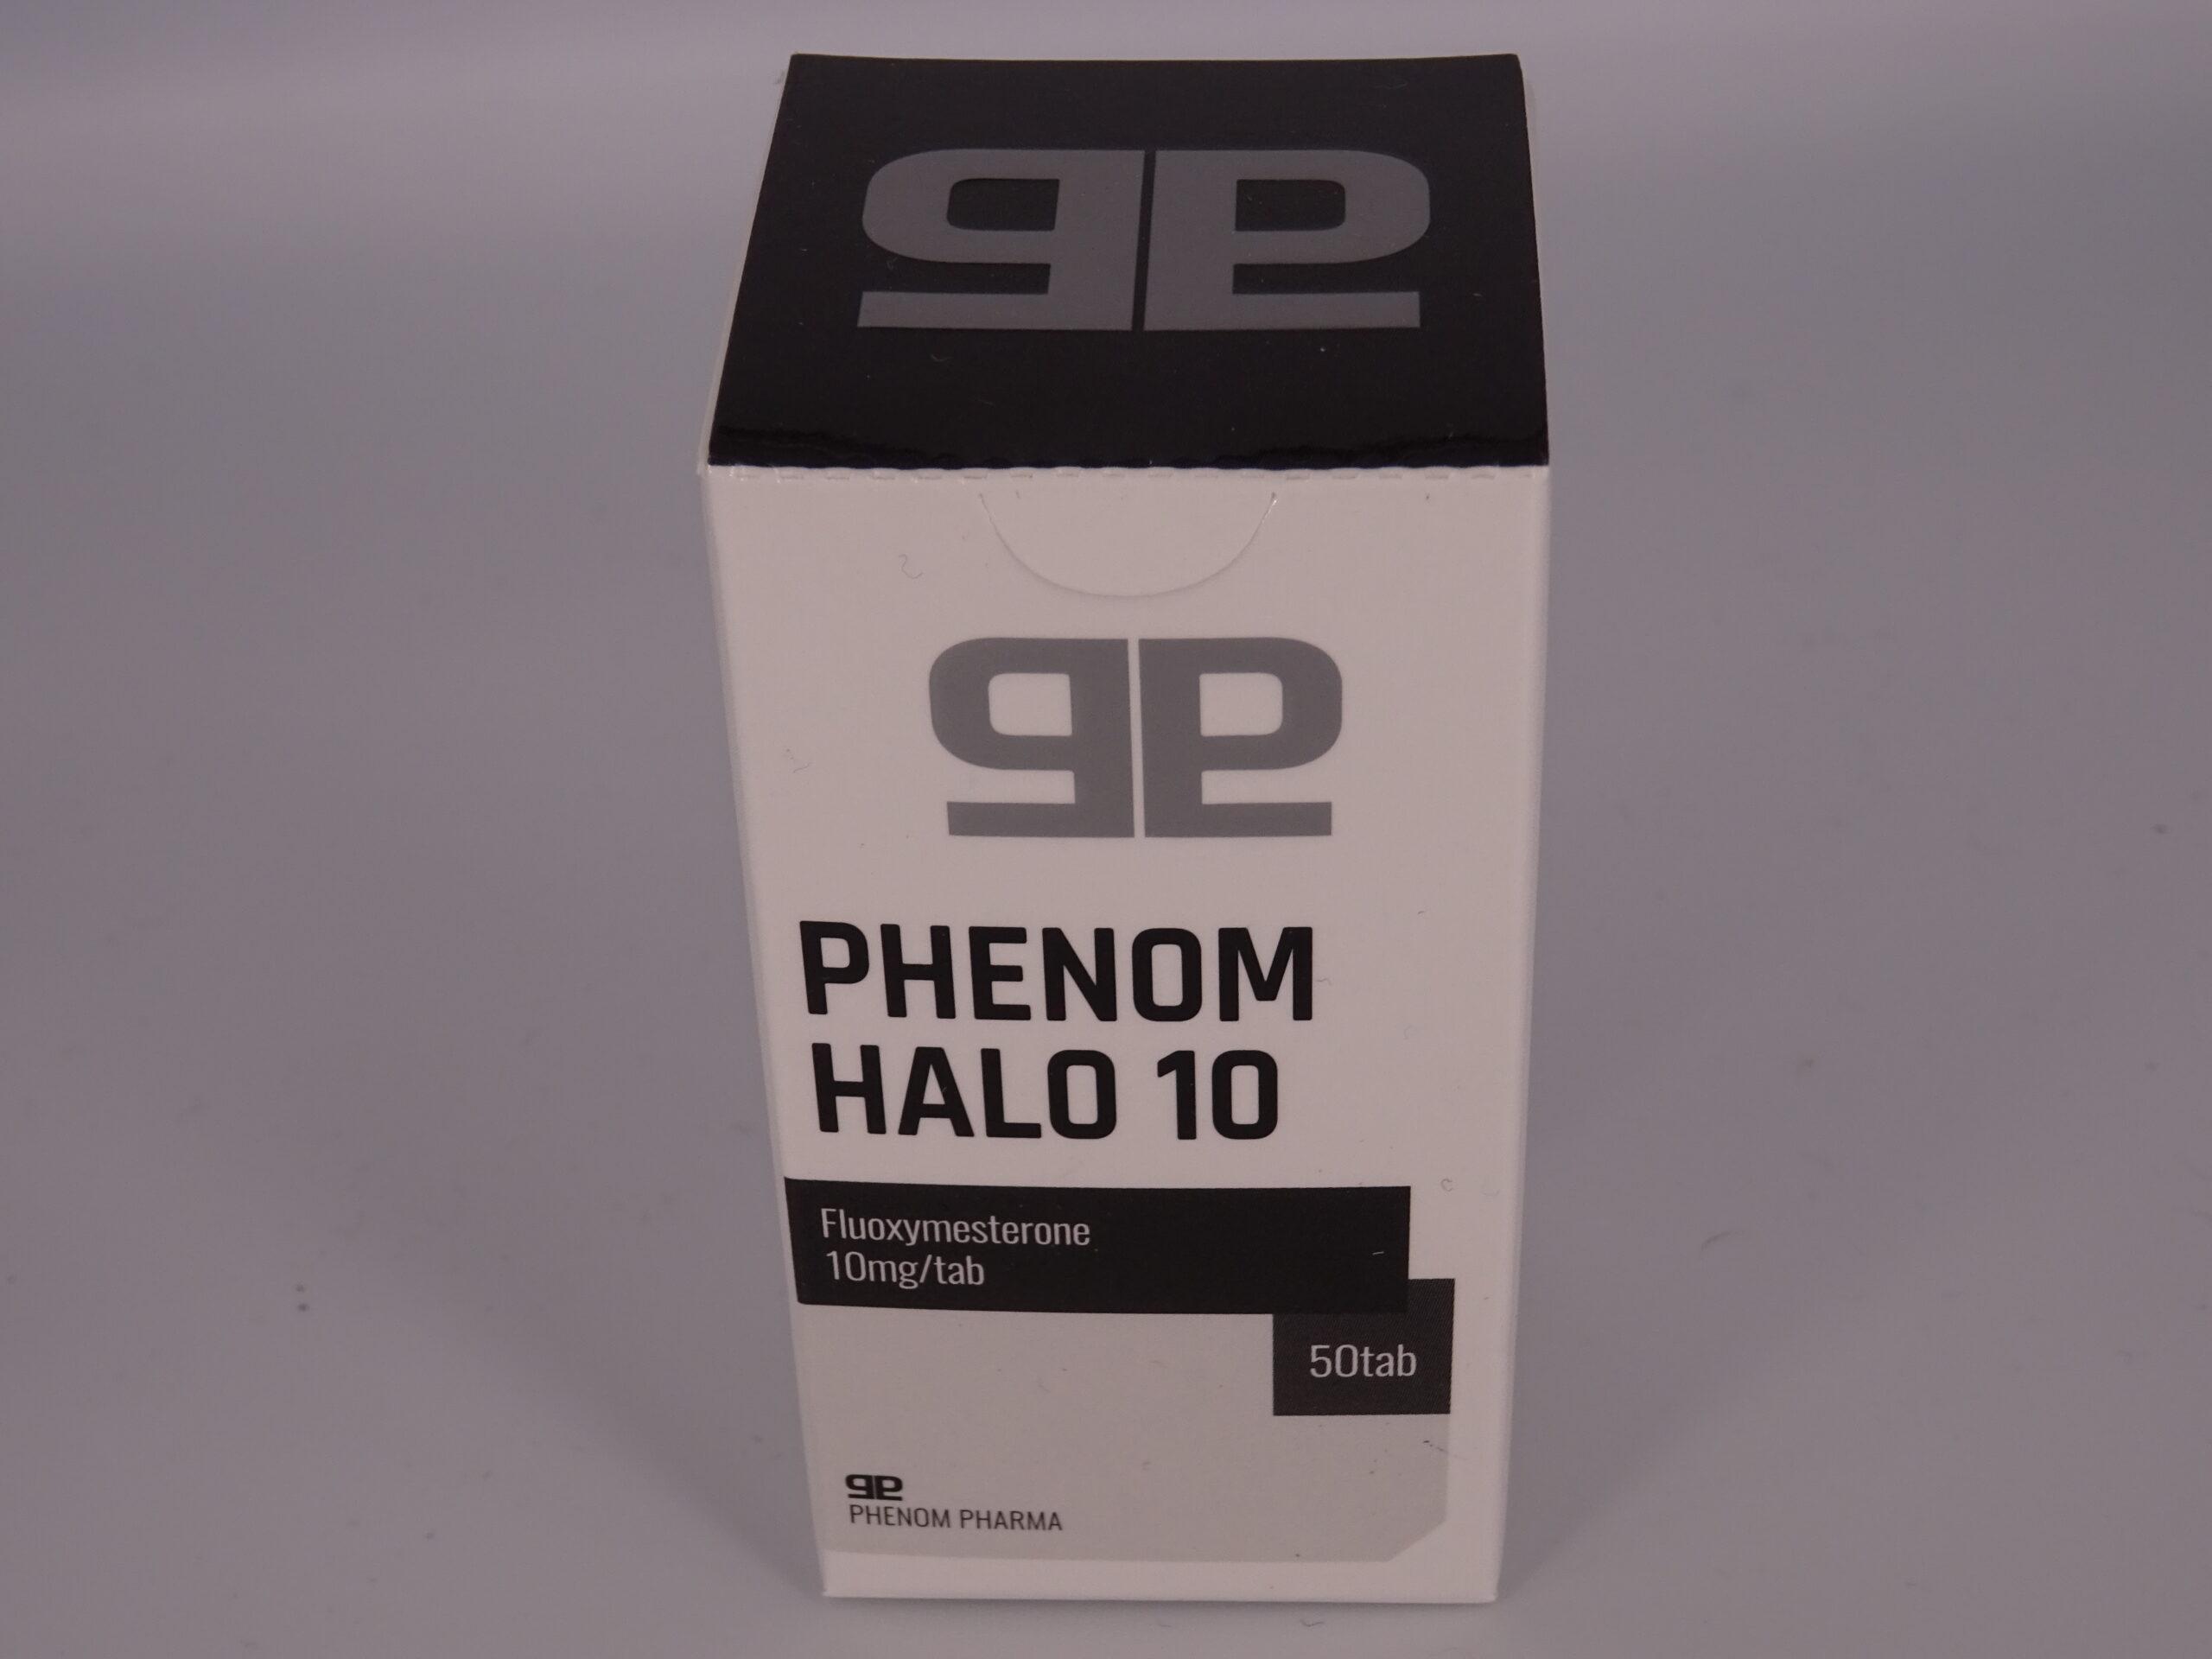 Halotestin (Halo) Phenom Pharma 10mg 50tab